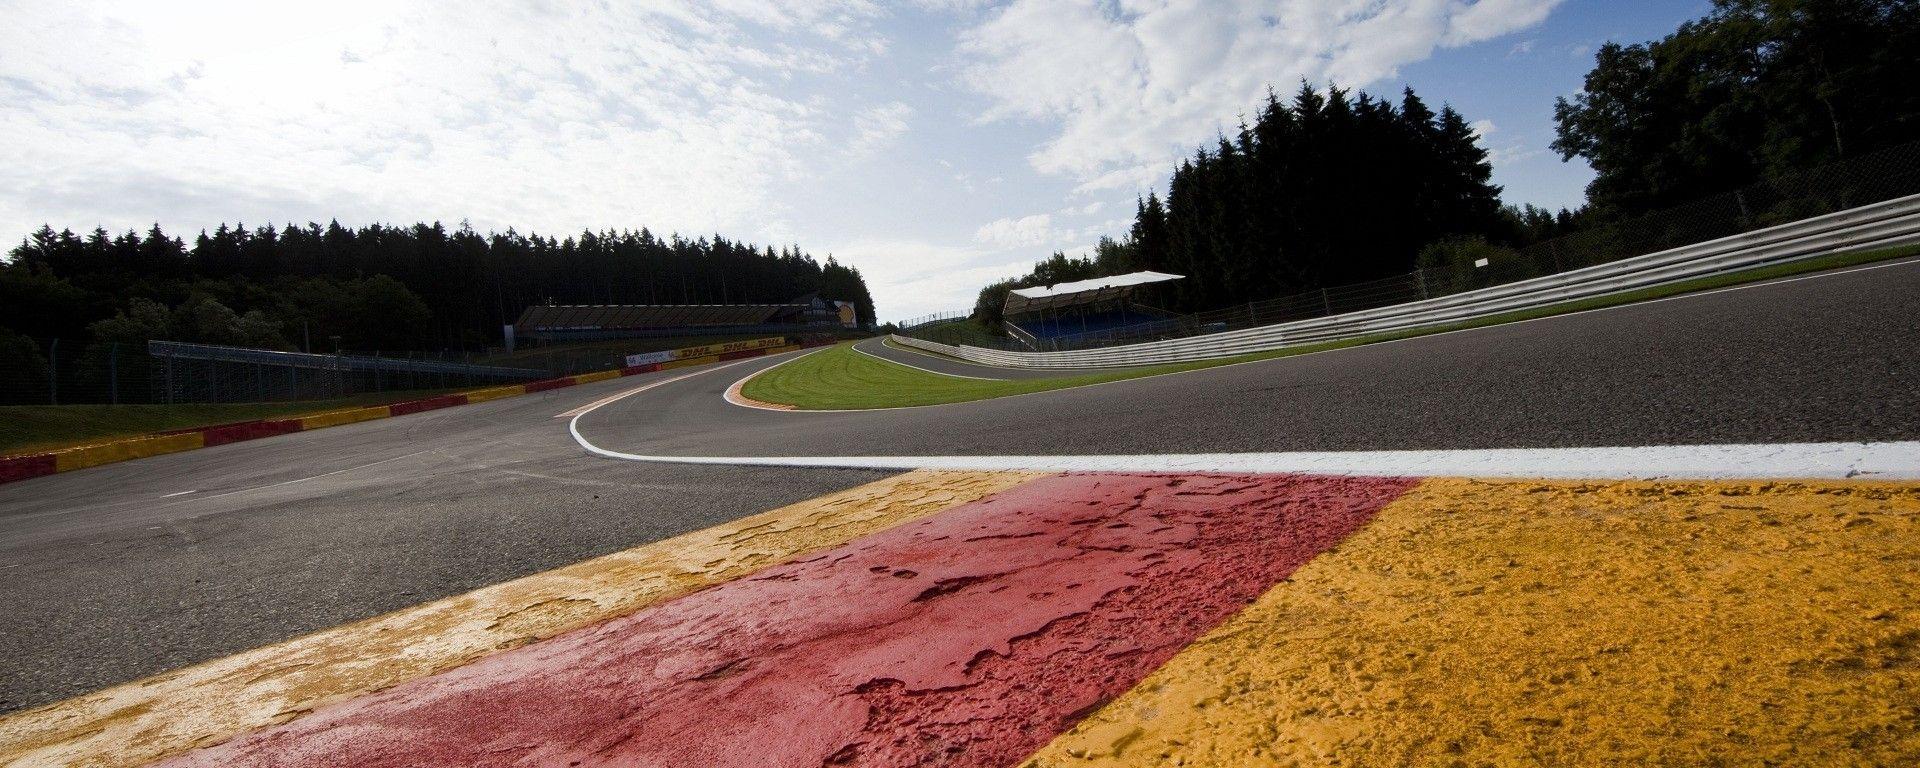 Circuito Spa : F1 gp spa francorchamps belgio 2018 tutte le info: orari risultati